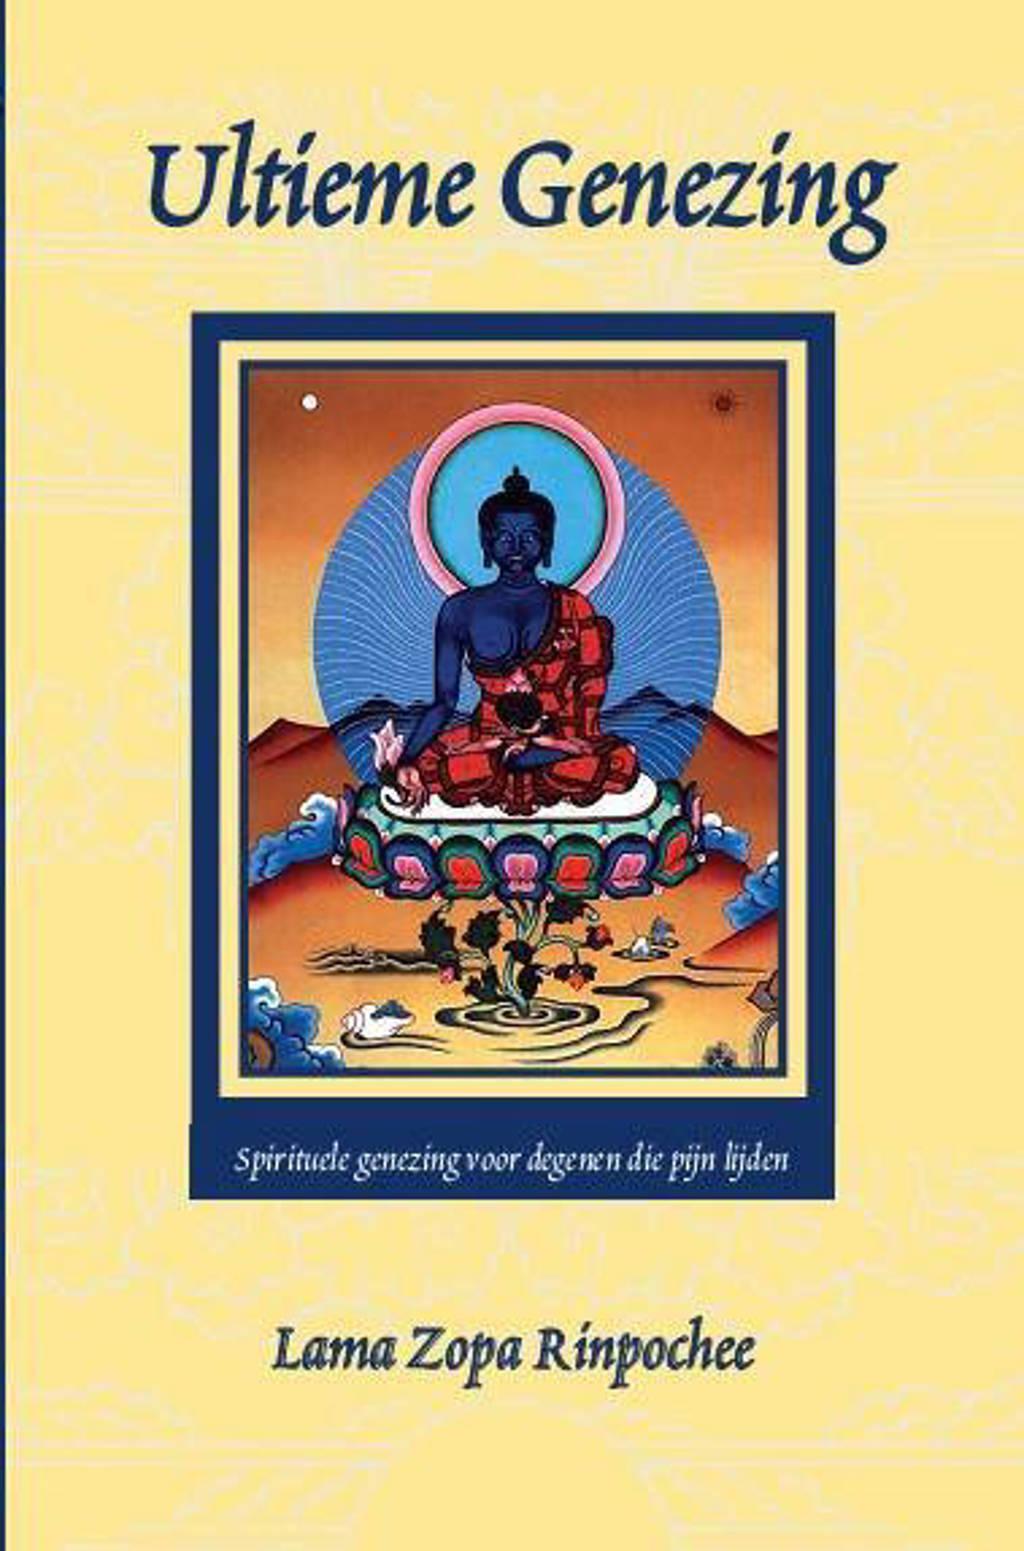 Ultieme genezing - Z. Lama Zopa Rinpochee